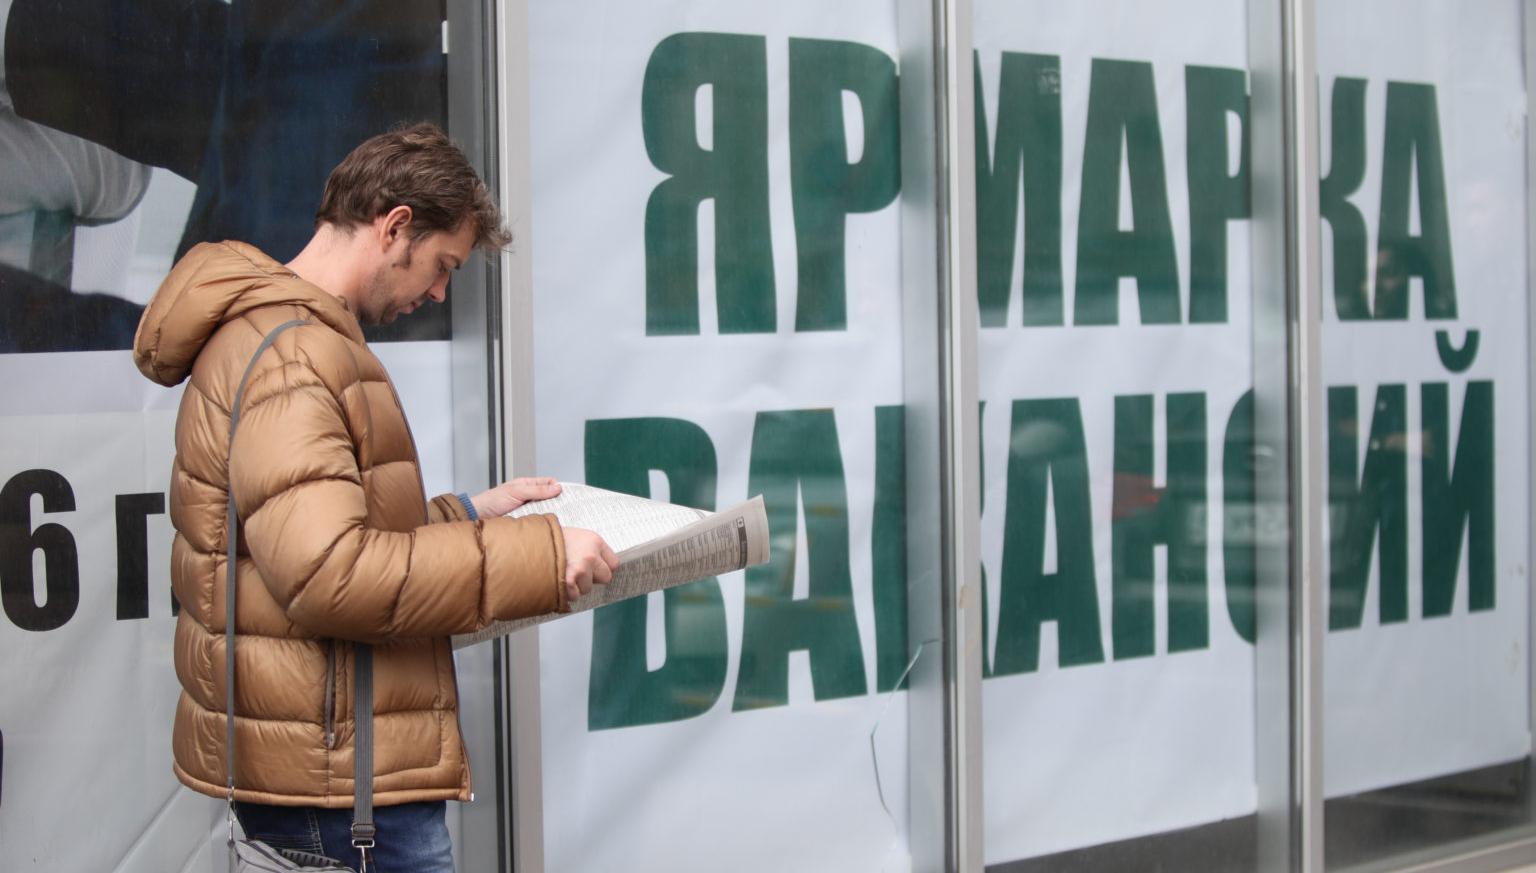 Тверская область в ЦФО заняла 7 место по занятости населения и 6 – по безработице